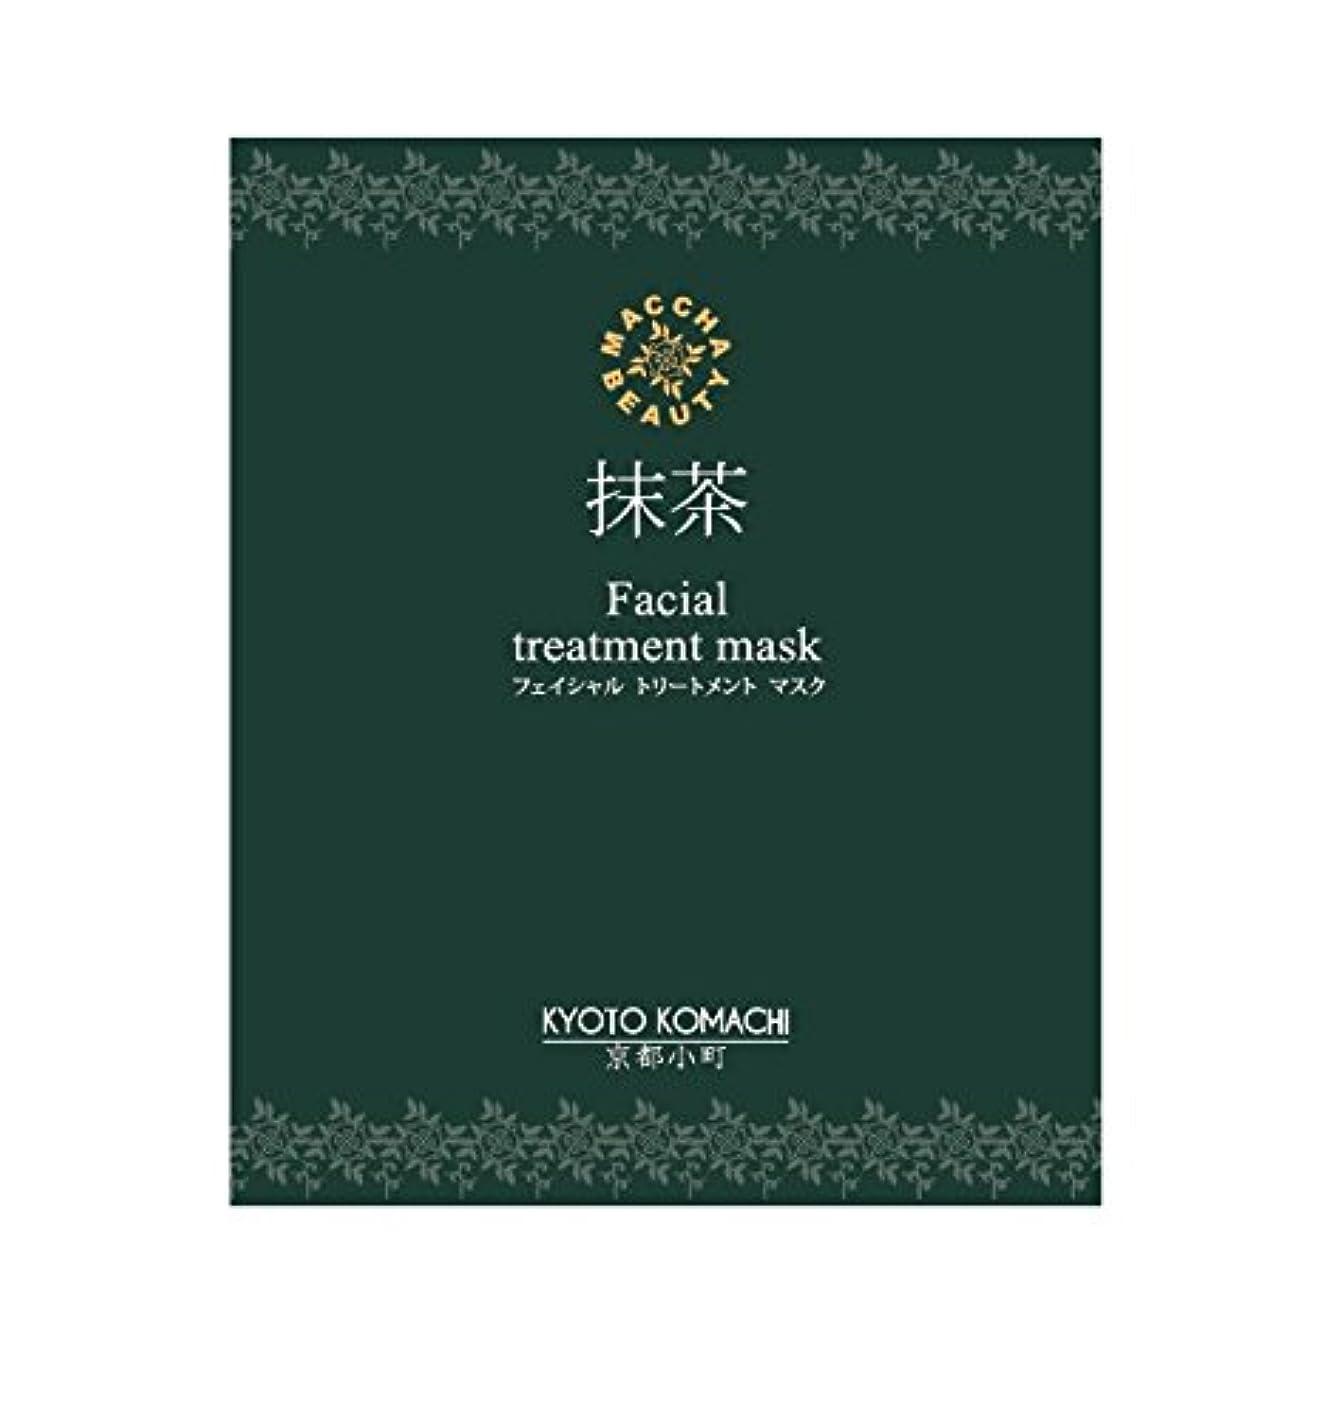 ゴールデン届ける解放する京都小町<抹茶美人>マチャビューティー フェイシャル トリートメント マスク 25g×10枚セット